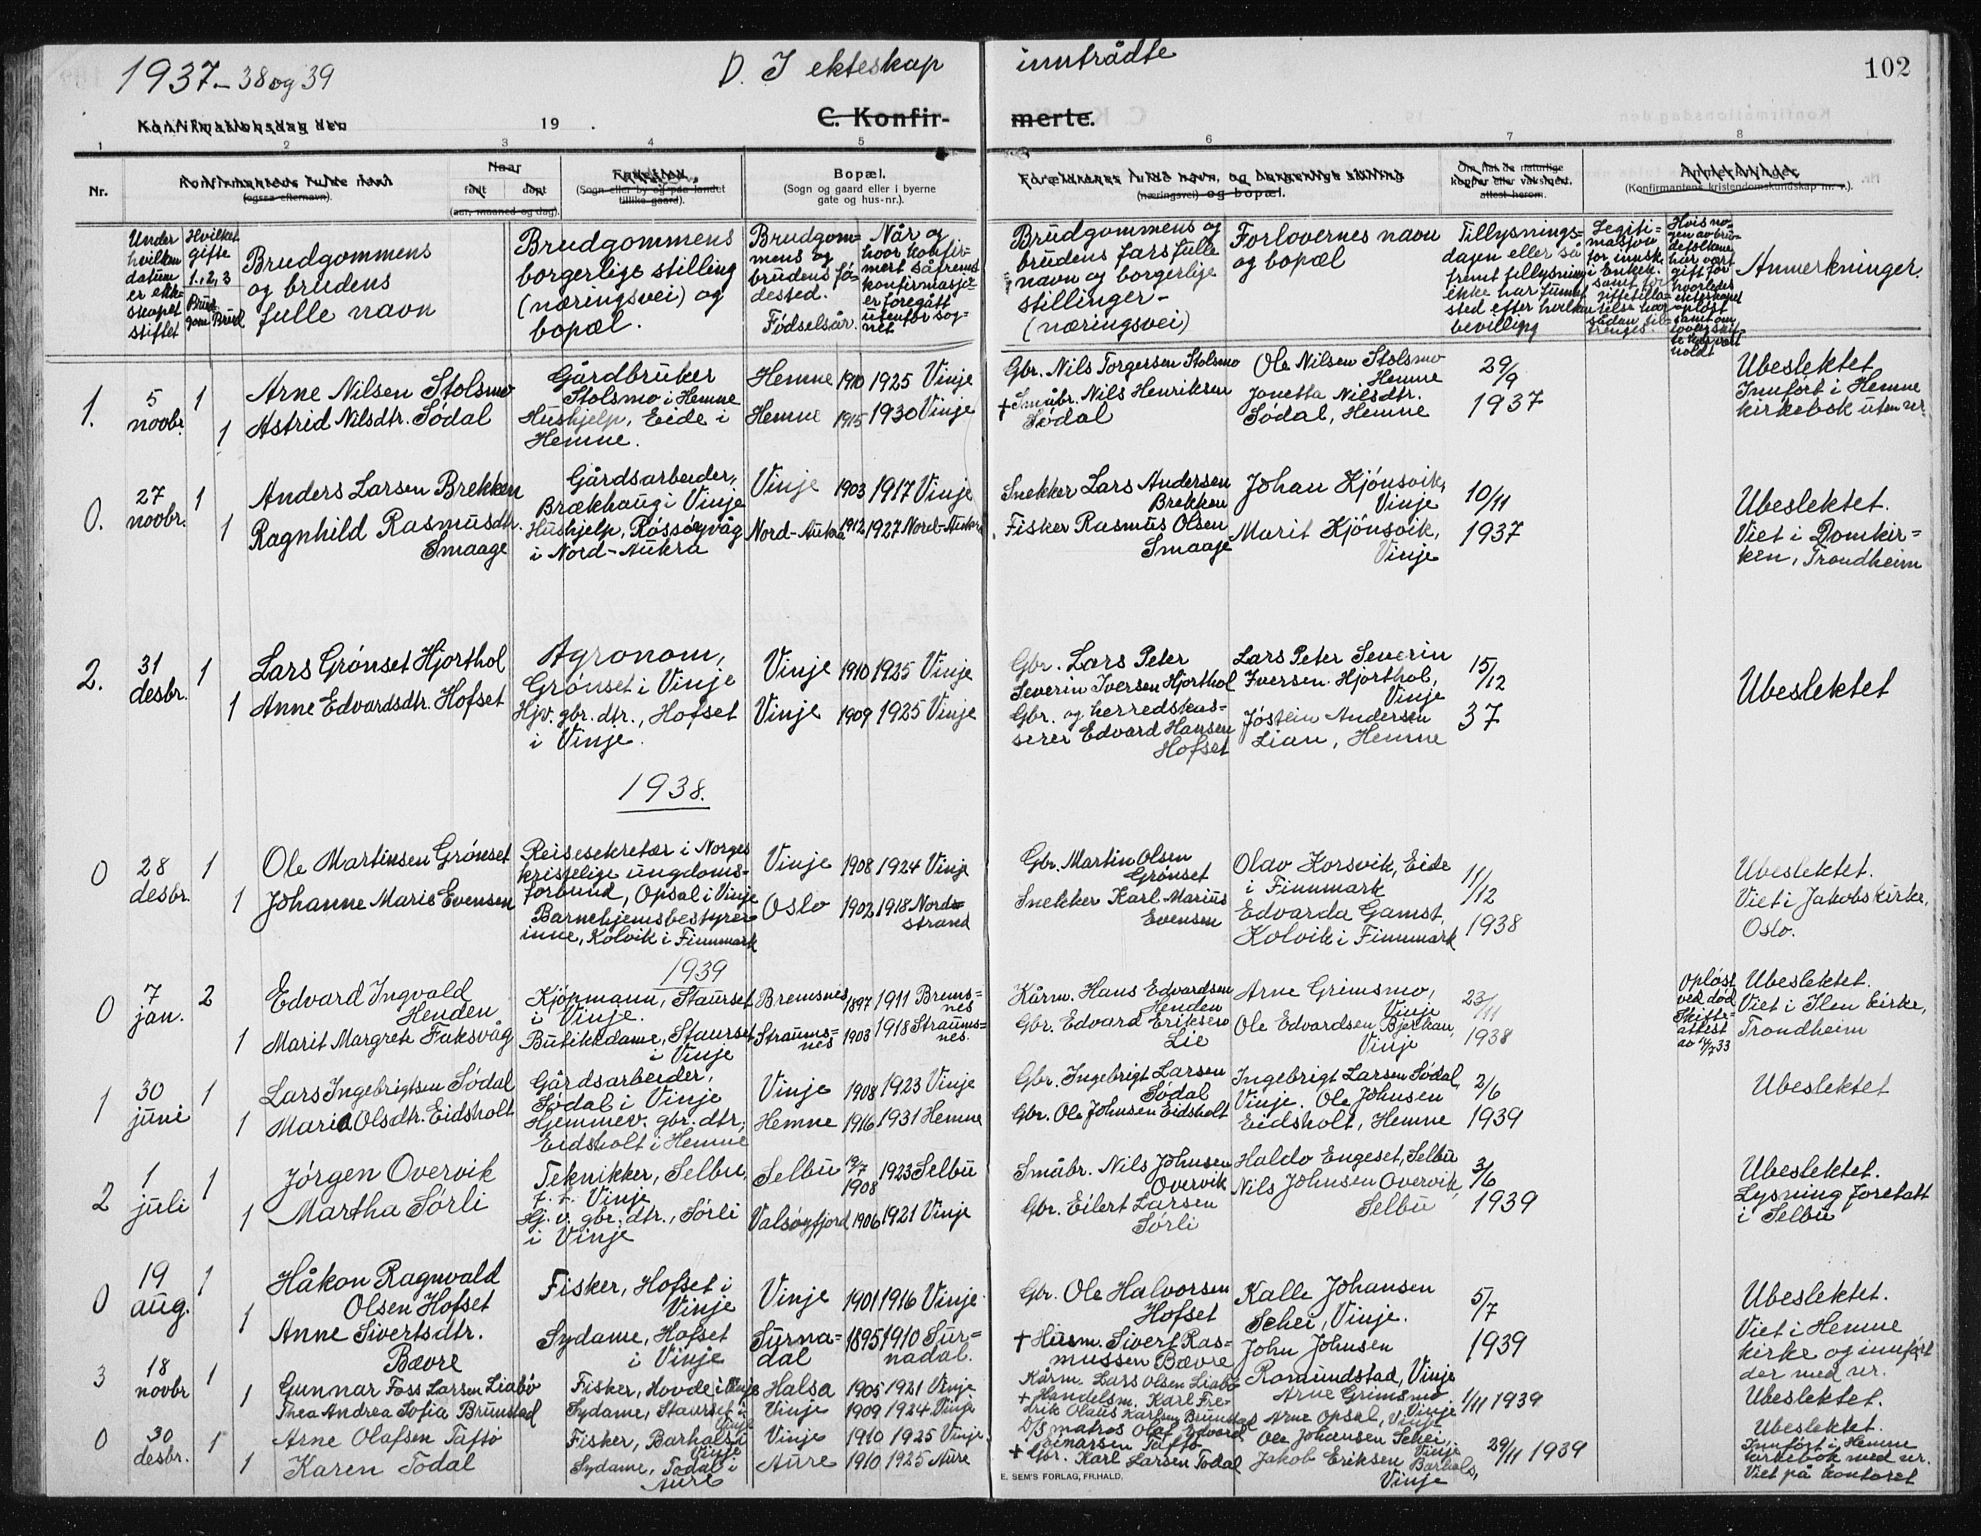 SAT, Ministerialprotokoller, klokkerbøker og fødselsregistre - Sør-Trøndelag, 631/L0515: Klokkerbok nr. 631C03, 1913-1939, s. 102